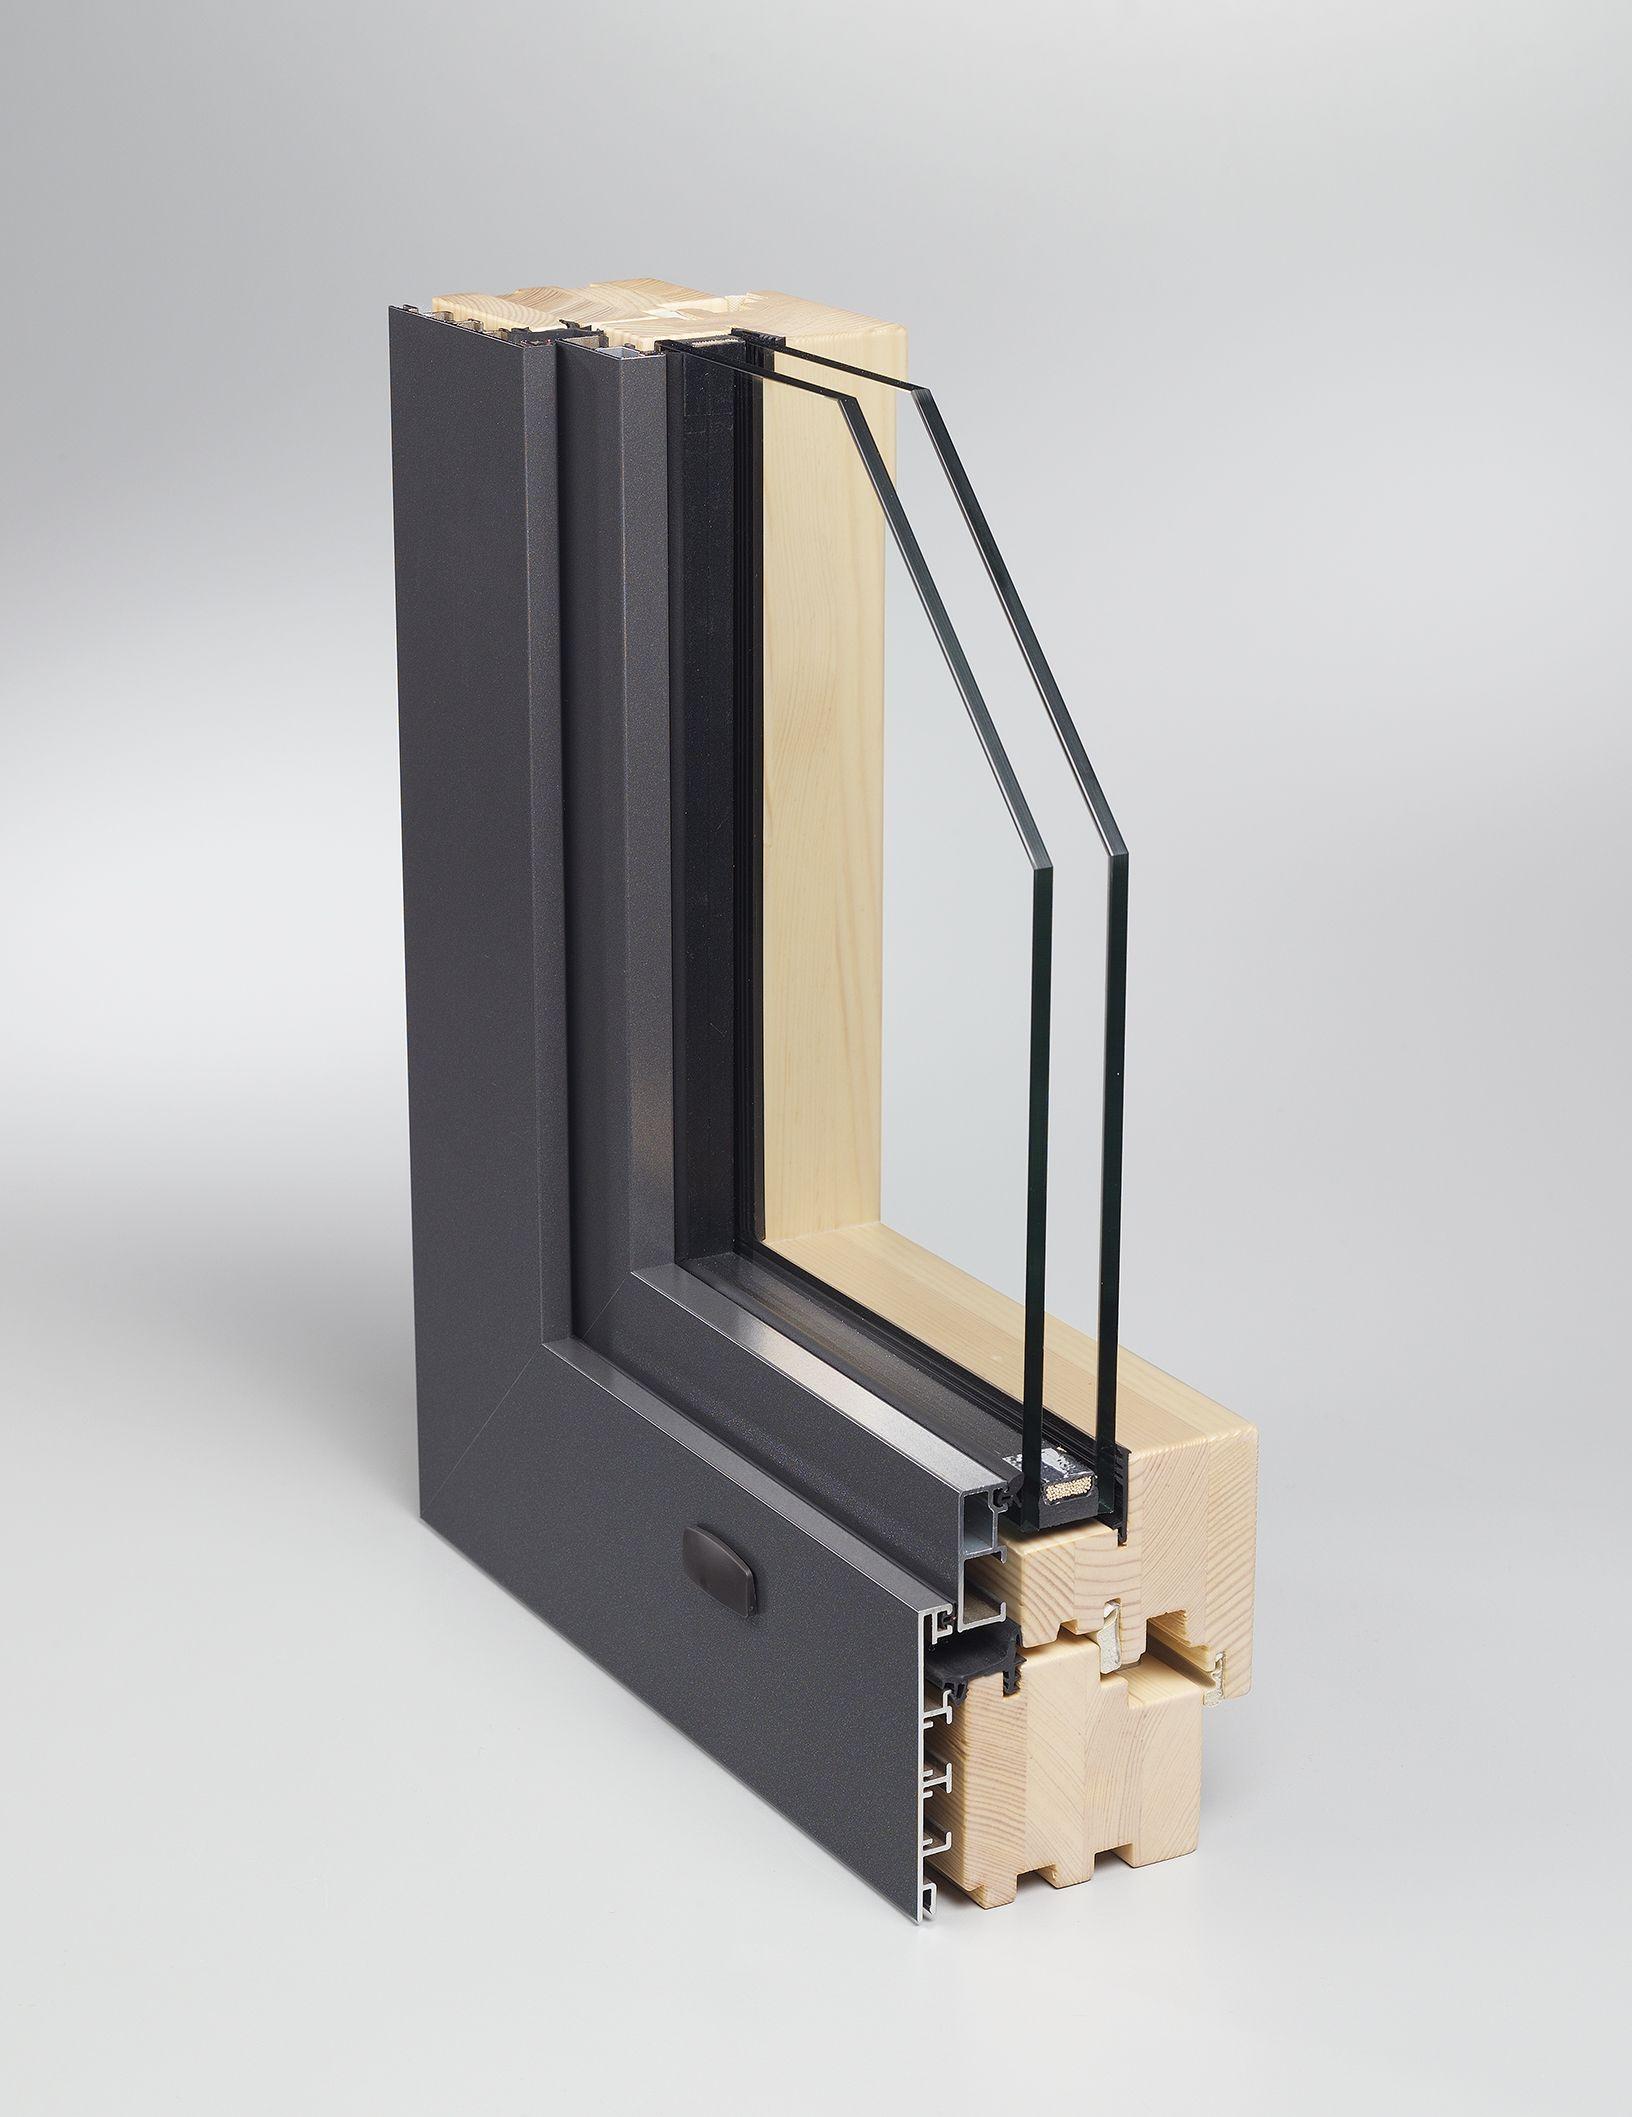 Full Size of Fenster Holz Alu Kostenvergleich Kunststoff Holz Alu Kosten Kunststofffenster Preise Preisvergleich Pro M2 Aluminium Oder Josko Hersteller Preisunterschied Fenster Fenster Holz Alu